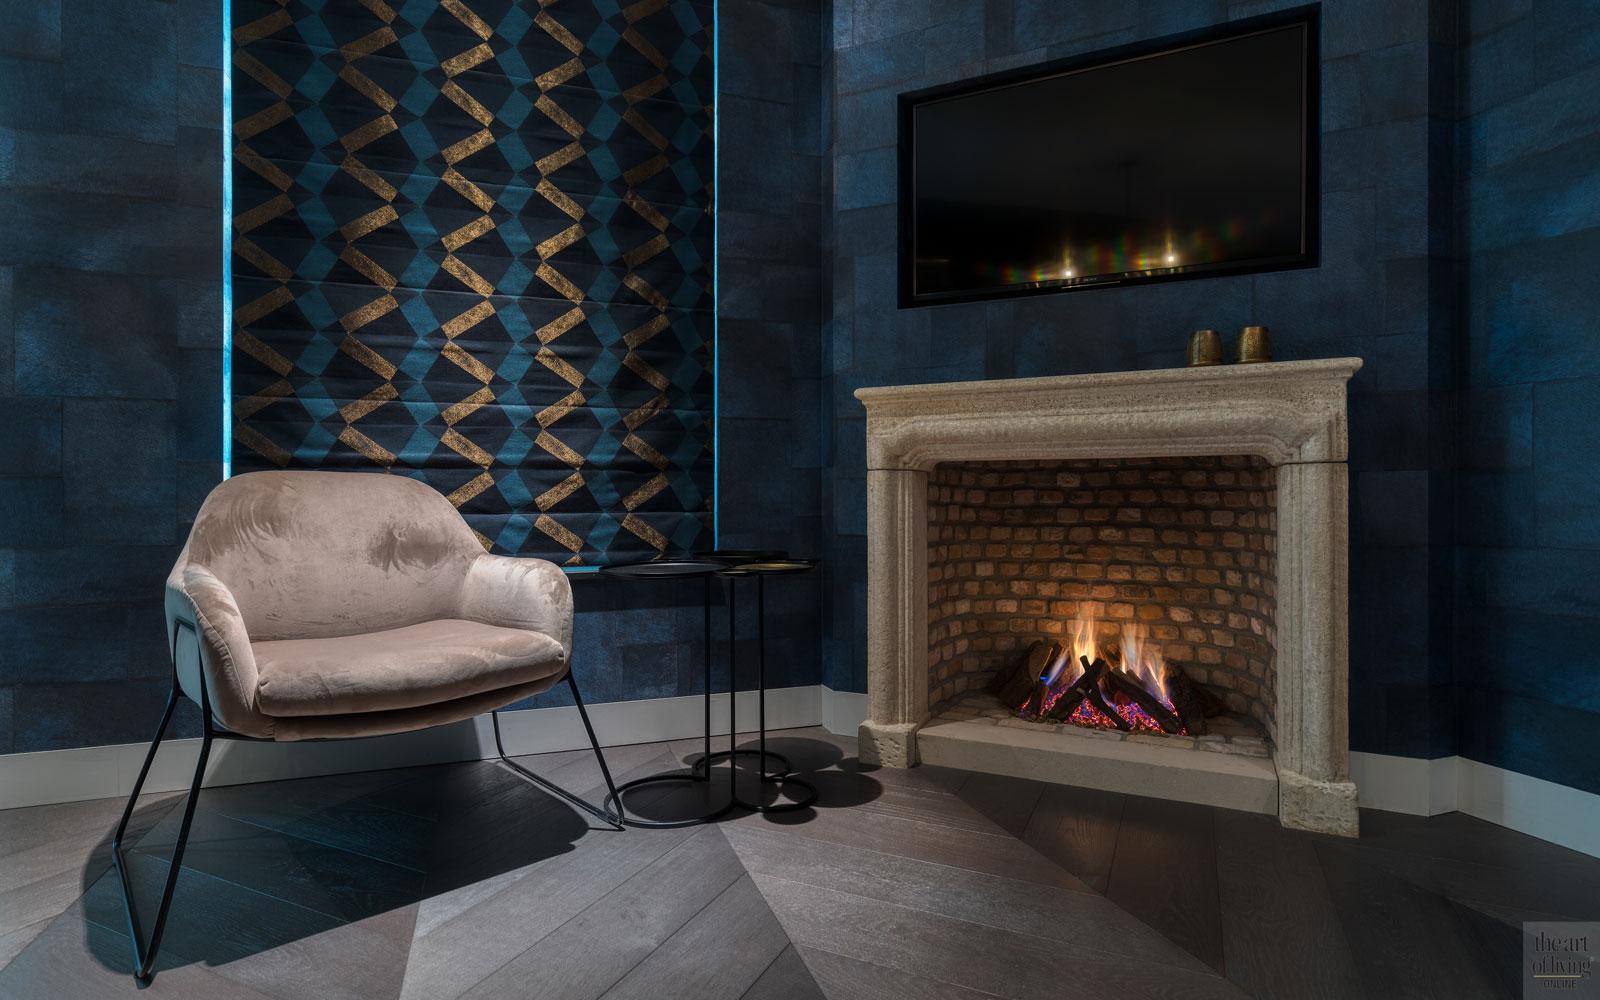 High end interieur, Herman Peters, Openhaard, open haard, Kachel, design meubels, zithoek